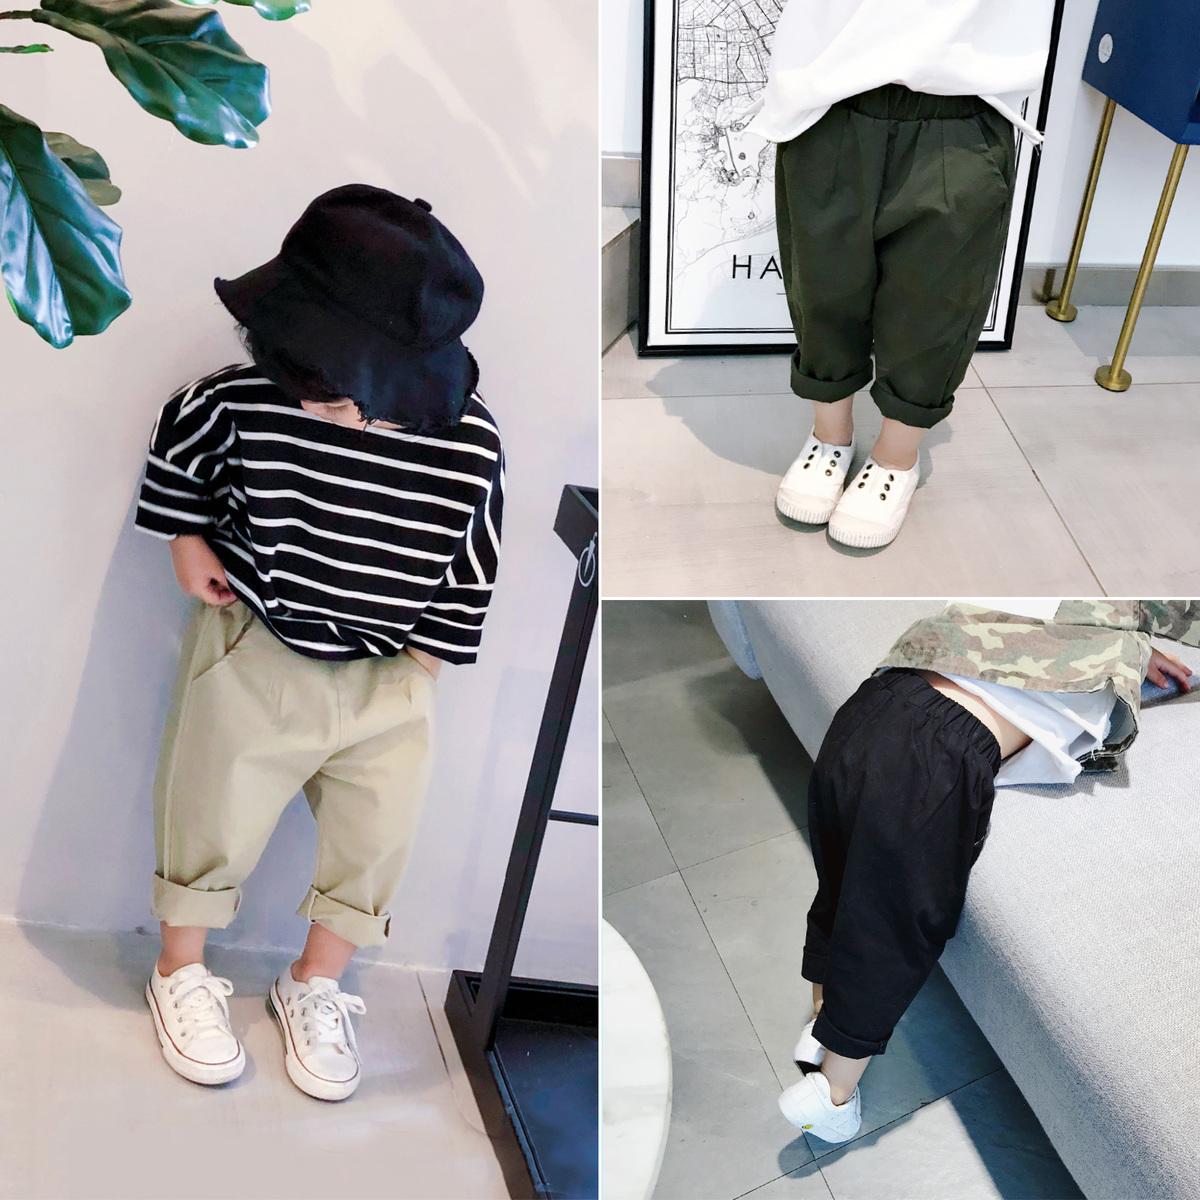 Streaky boy loose yếm nam mùa xuân 2018 mới của Hàn Quốc phiên bản của triều thời trang thoải mái quần tây giản dị